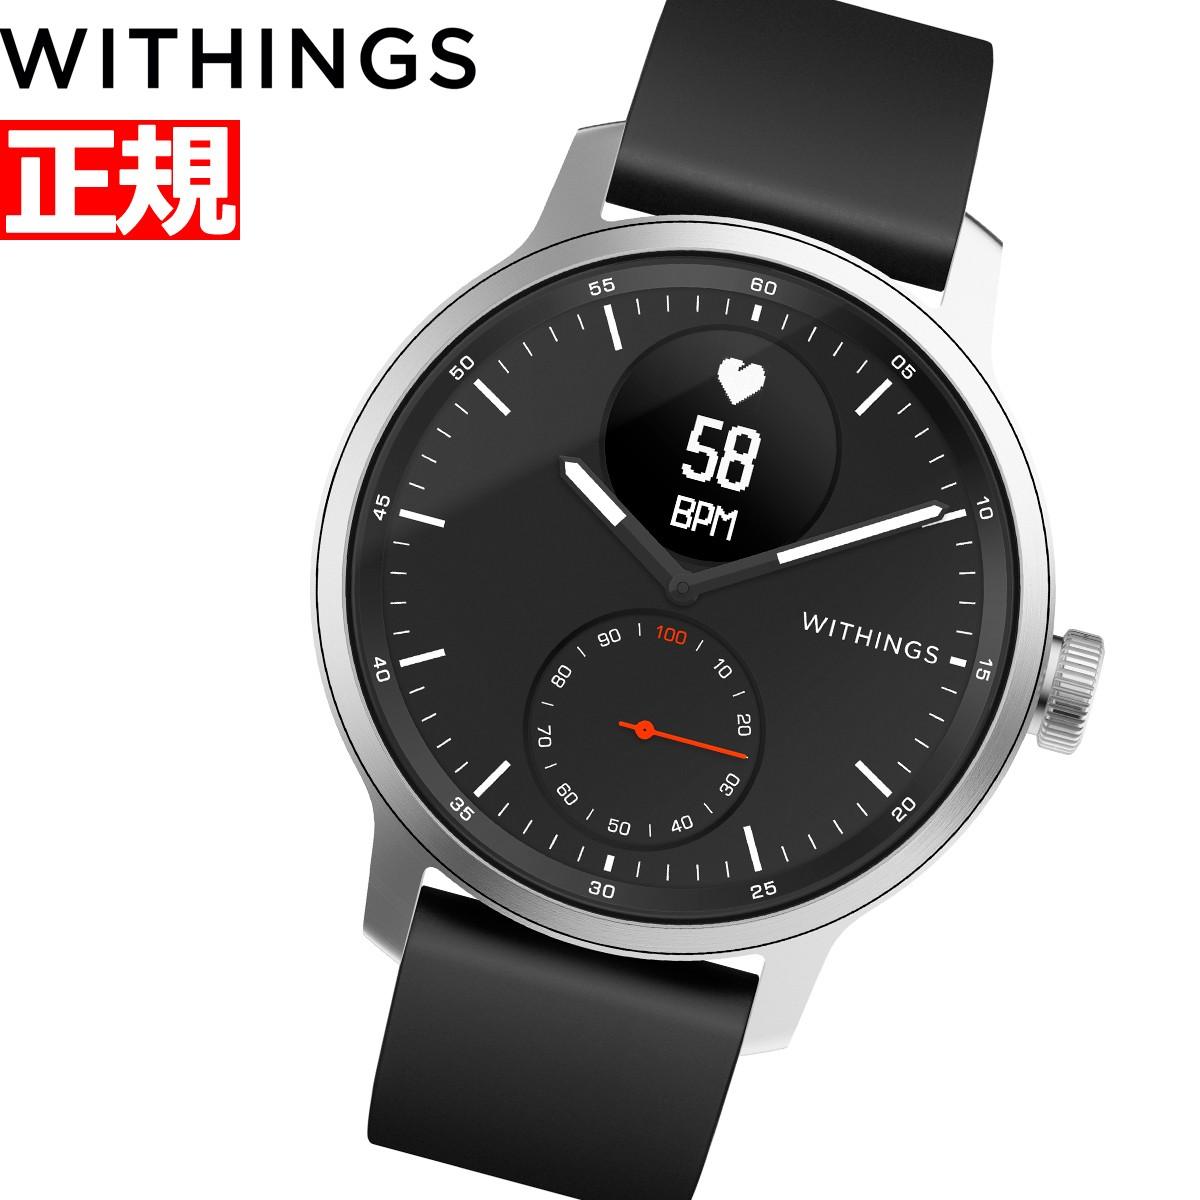 ウィジングズ Withings スマートウォッチ ScanWatch 42mm Black ブラック 腕時計 メンズ レディース ウェアラブル 血中酸素 QZ62000360